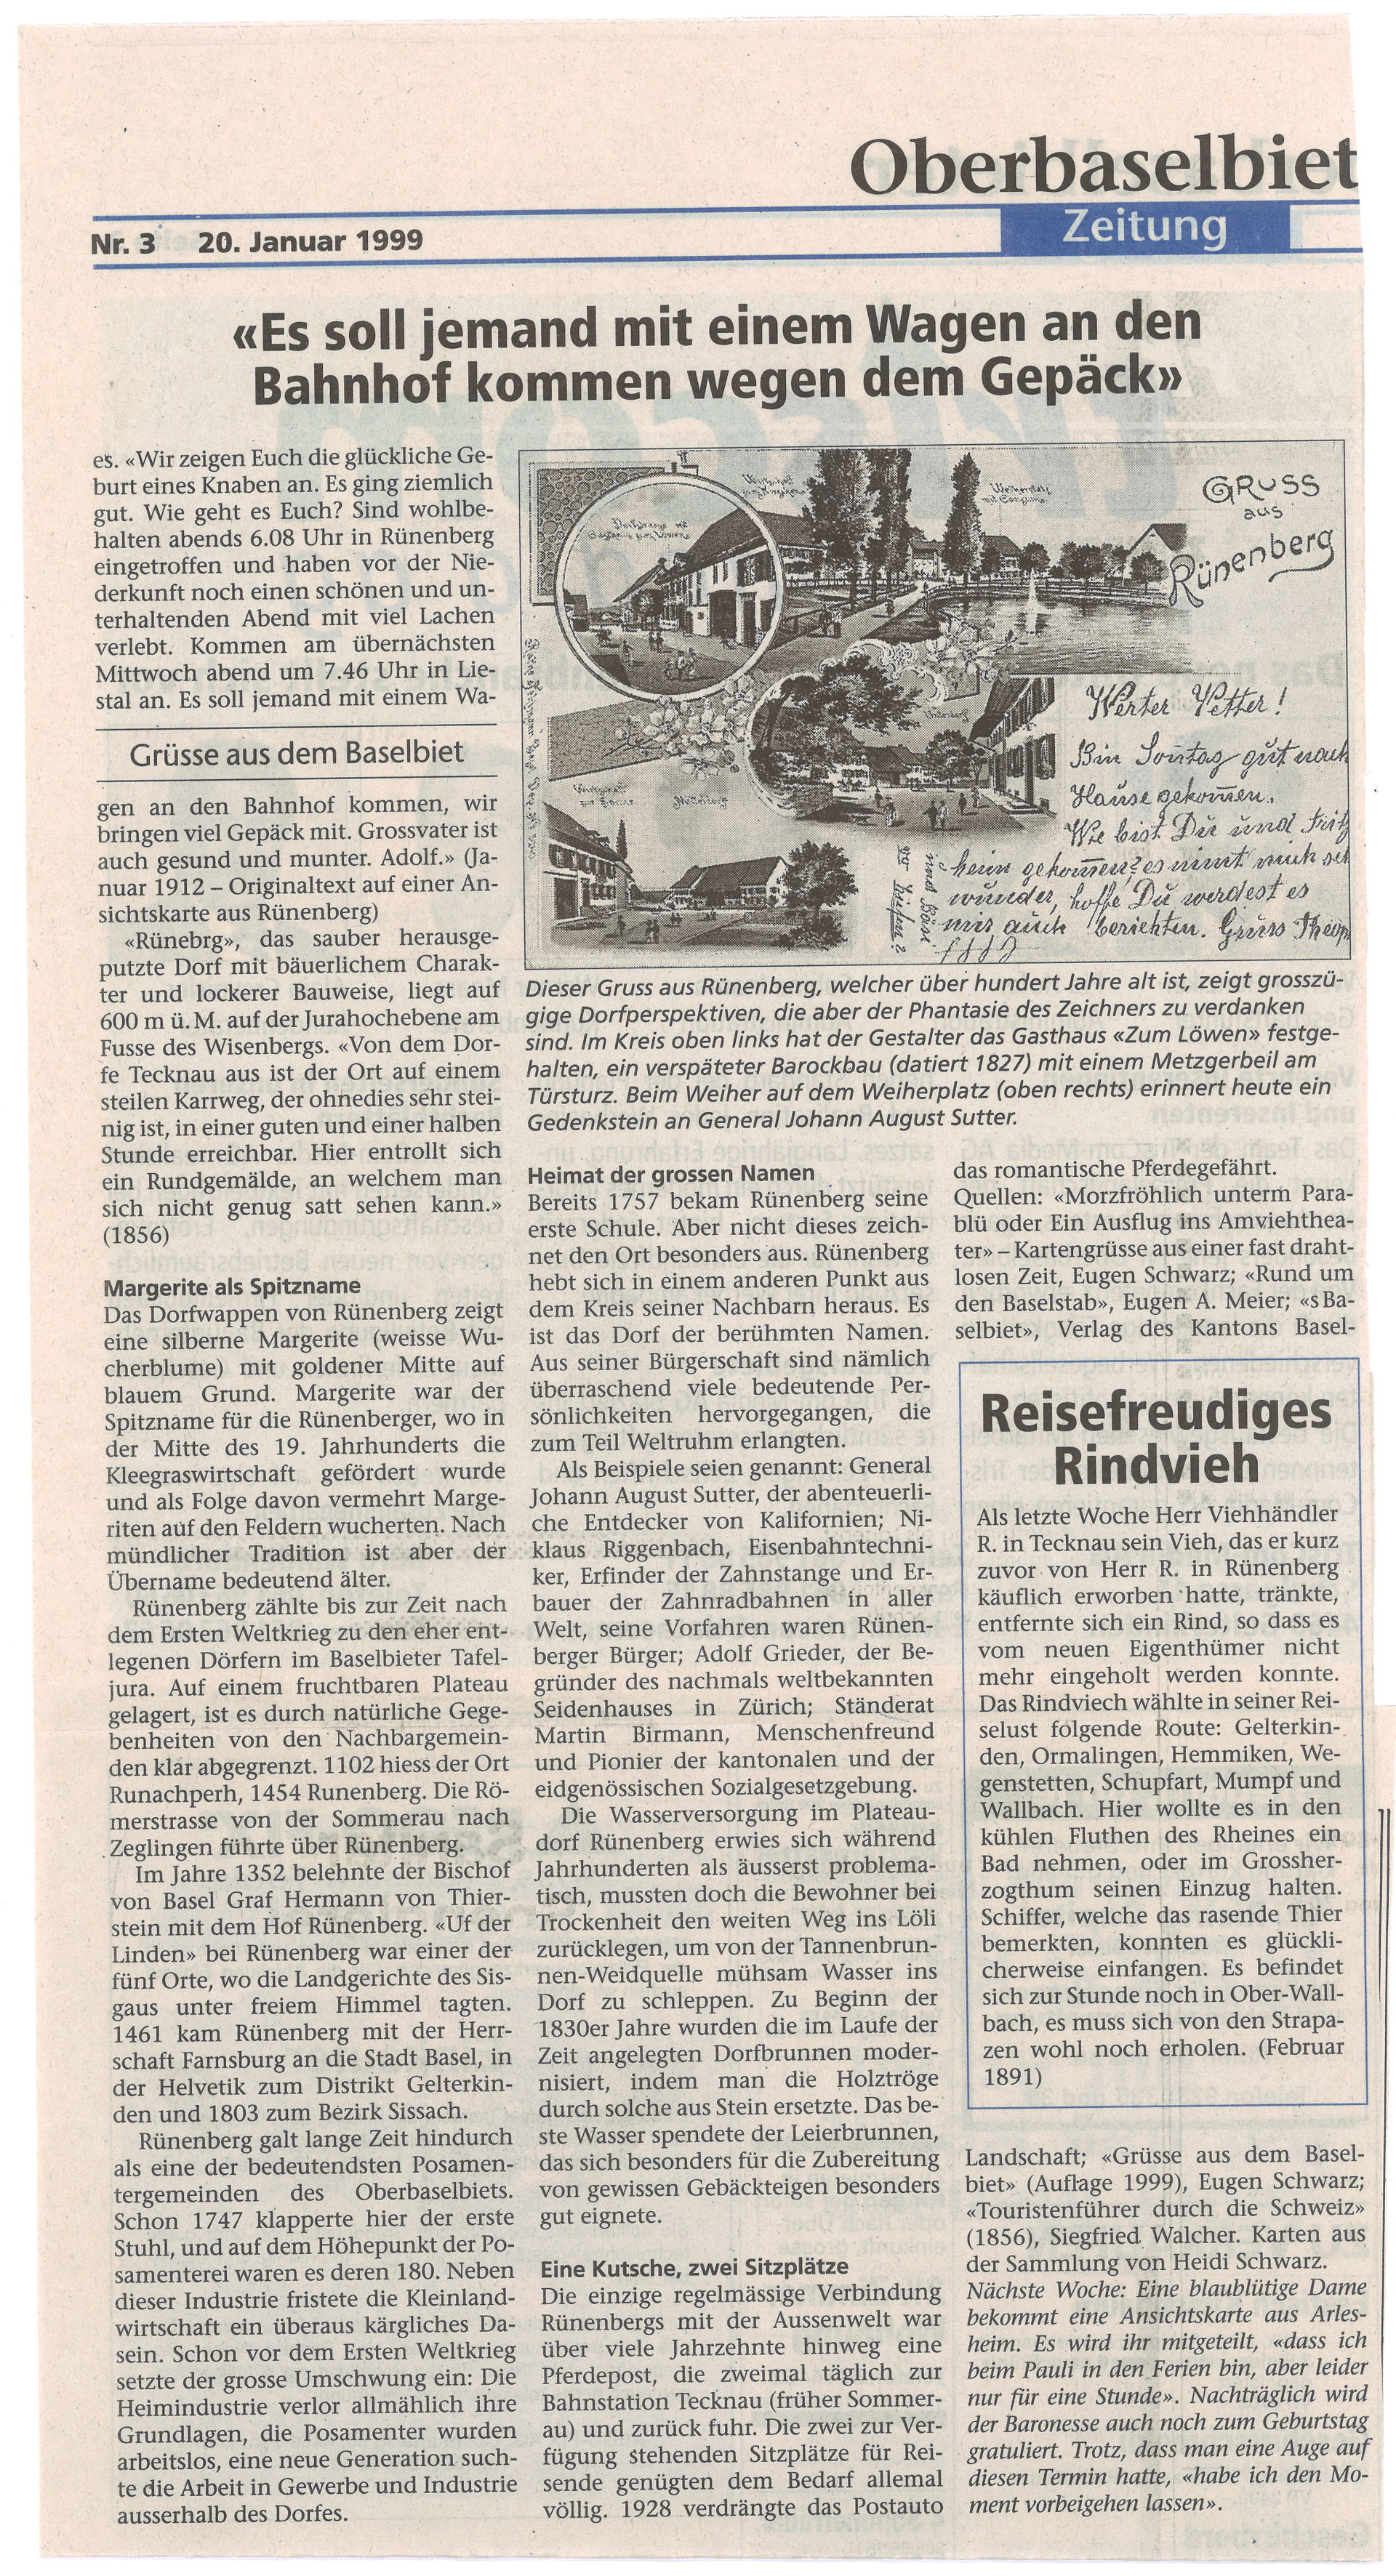 gruesse-aus-dem-baselbiet-oberbaselbieterzeitung-20-01-1999-1